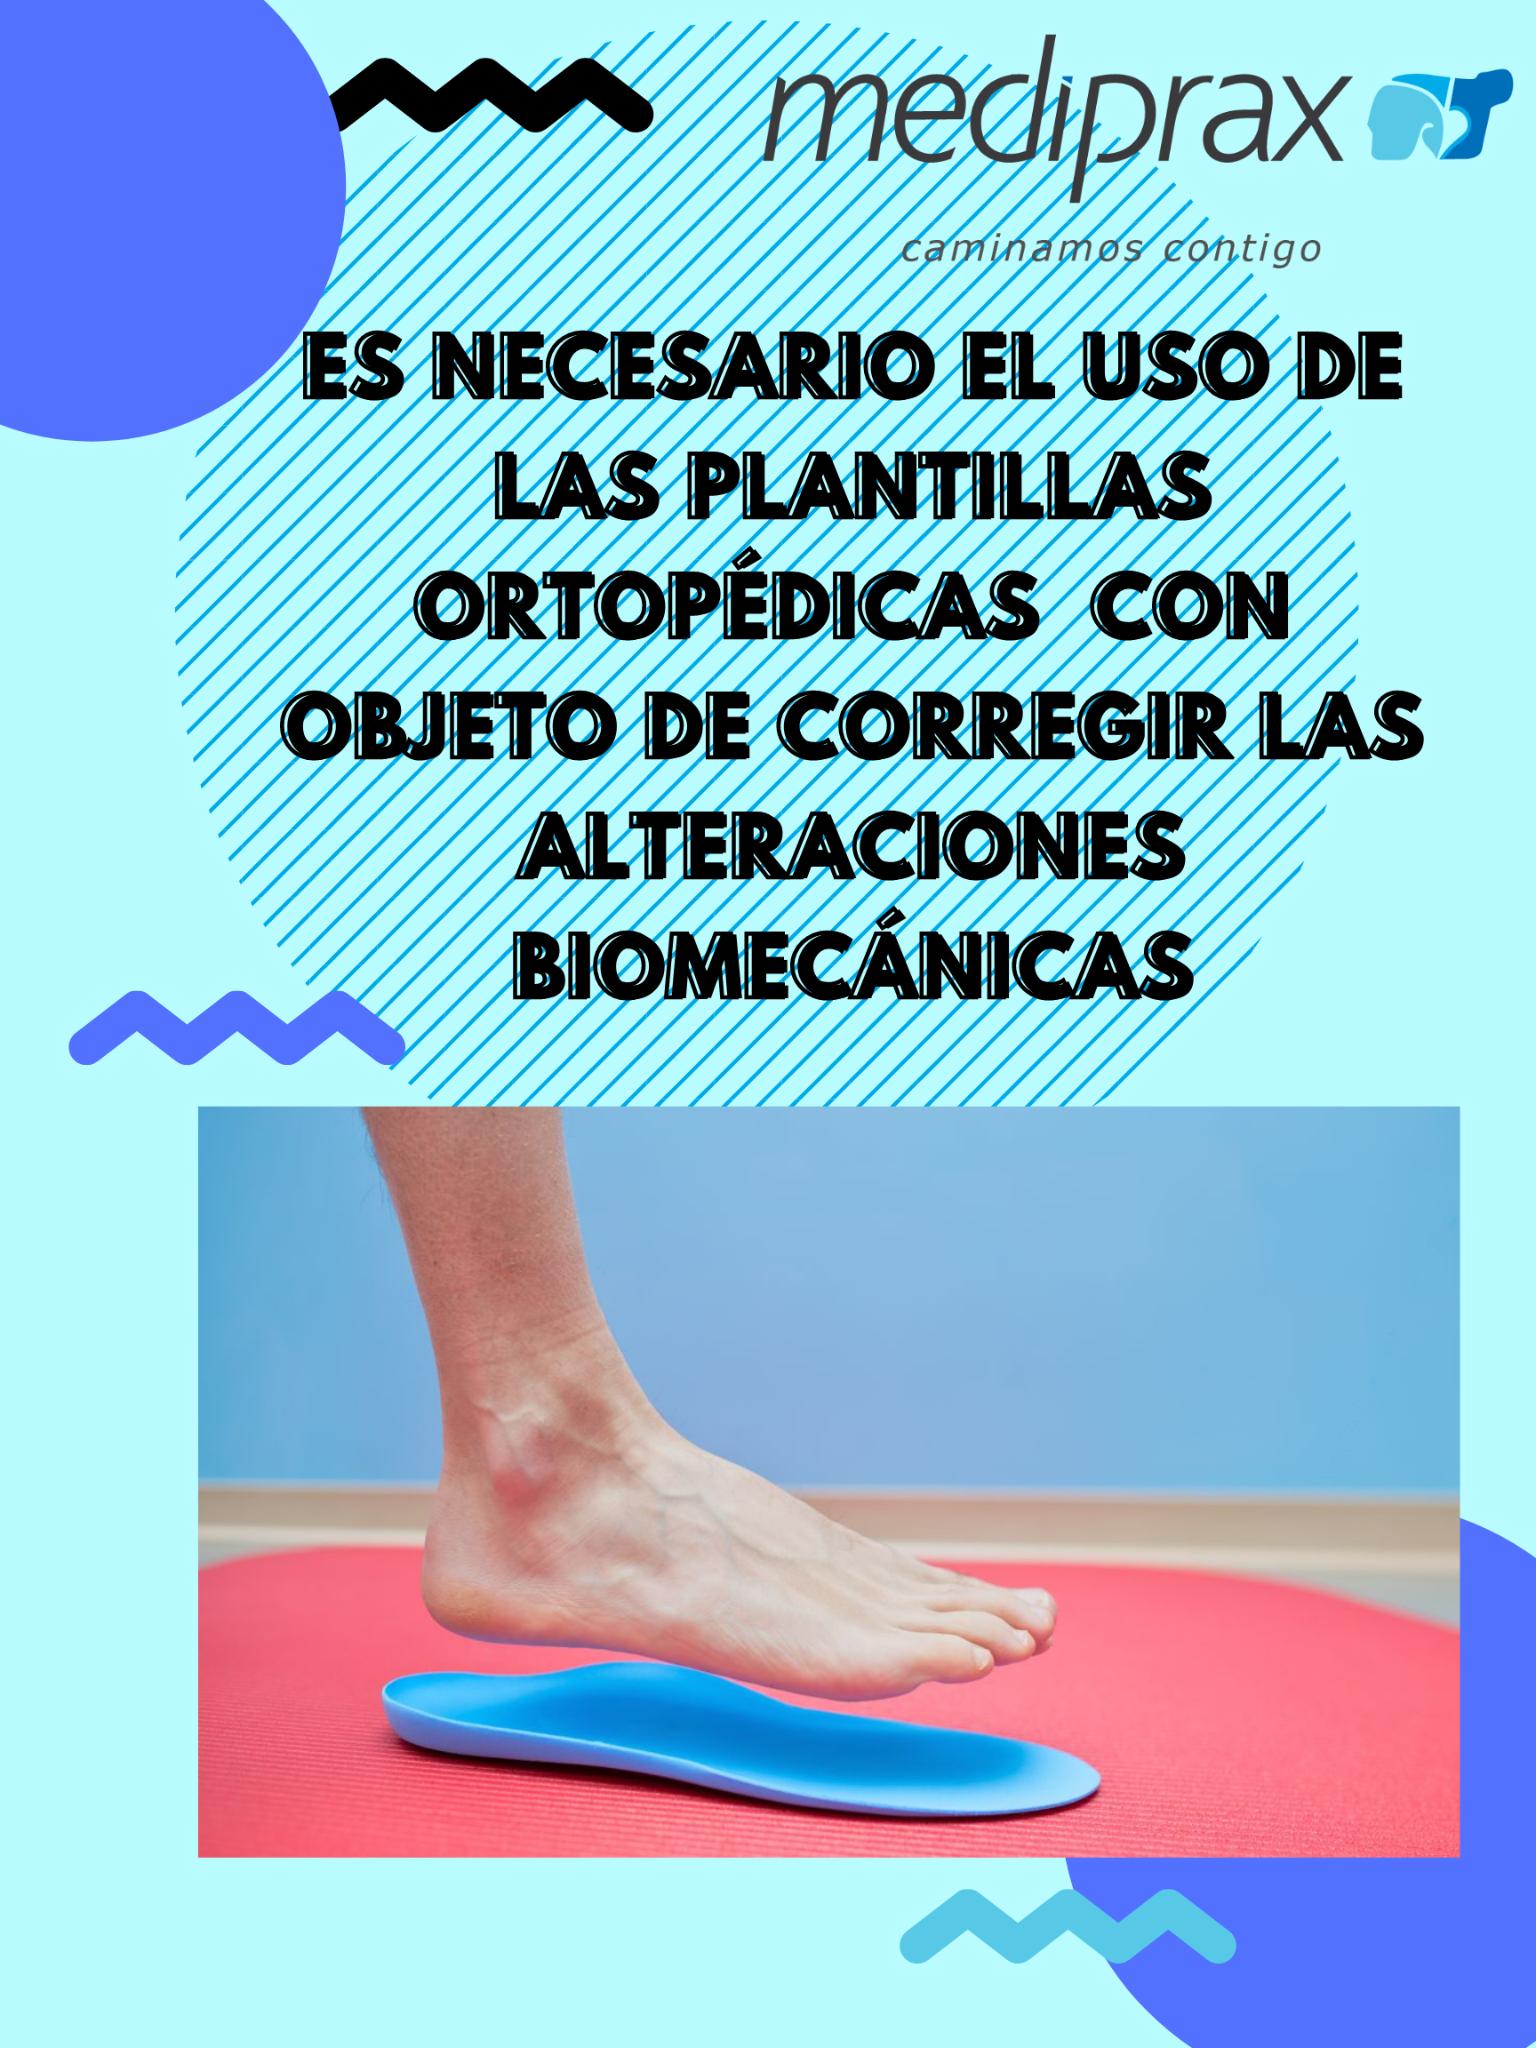 beneficios-de-las-plantillas ortopédicas